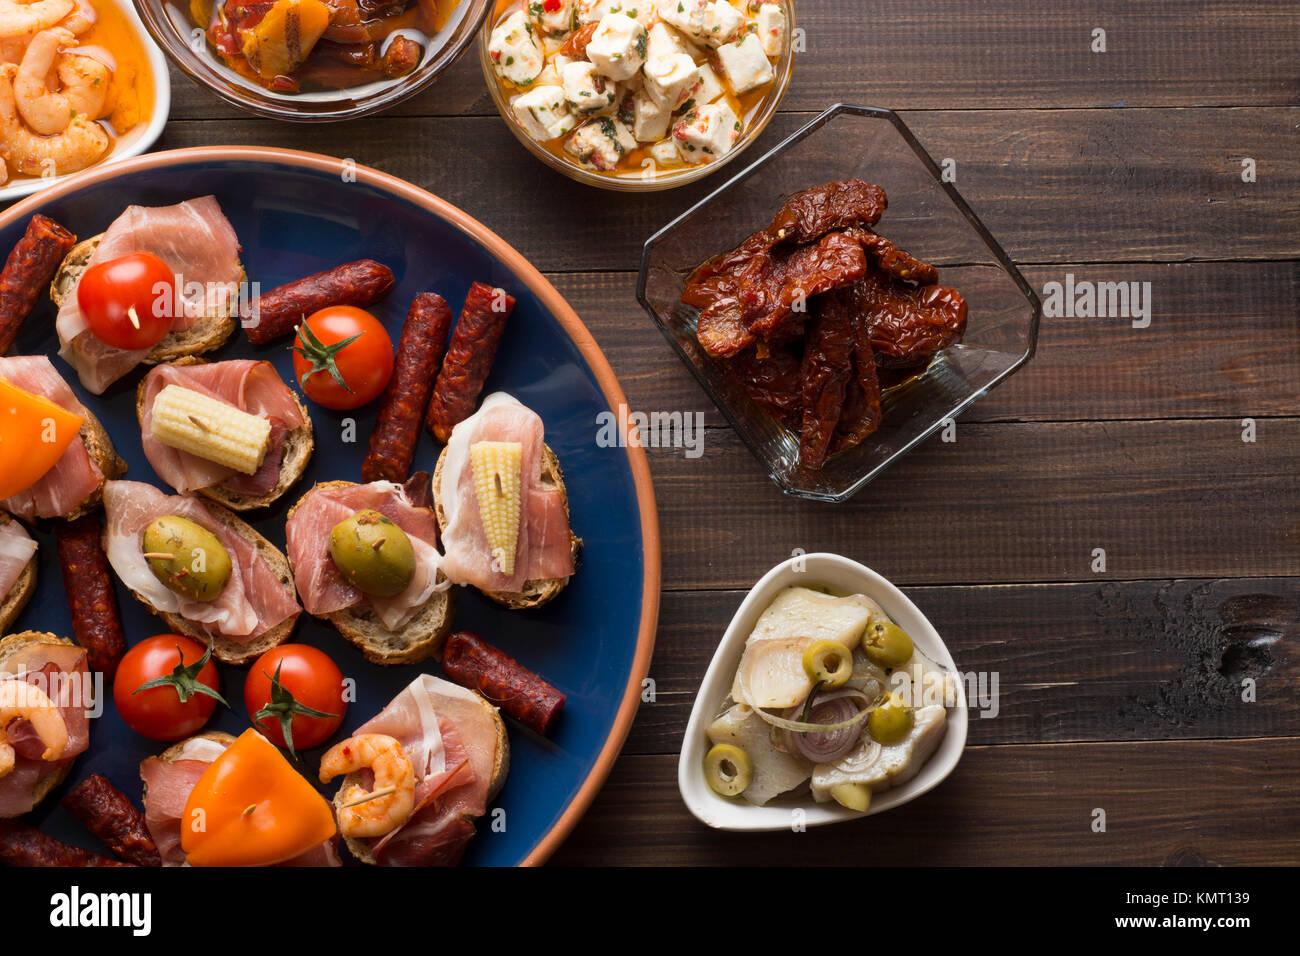 La condivisione miscelati tapas spagnole partenti sulla tabella. Vista dall'alto. Copyspace Immagini Stock